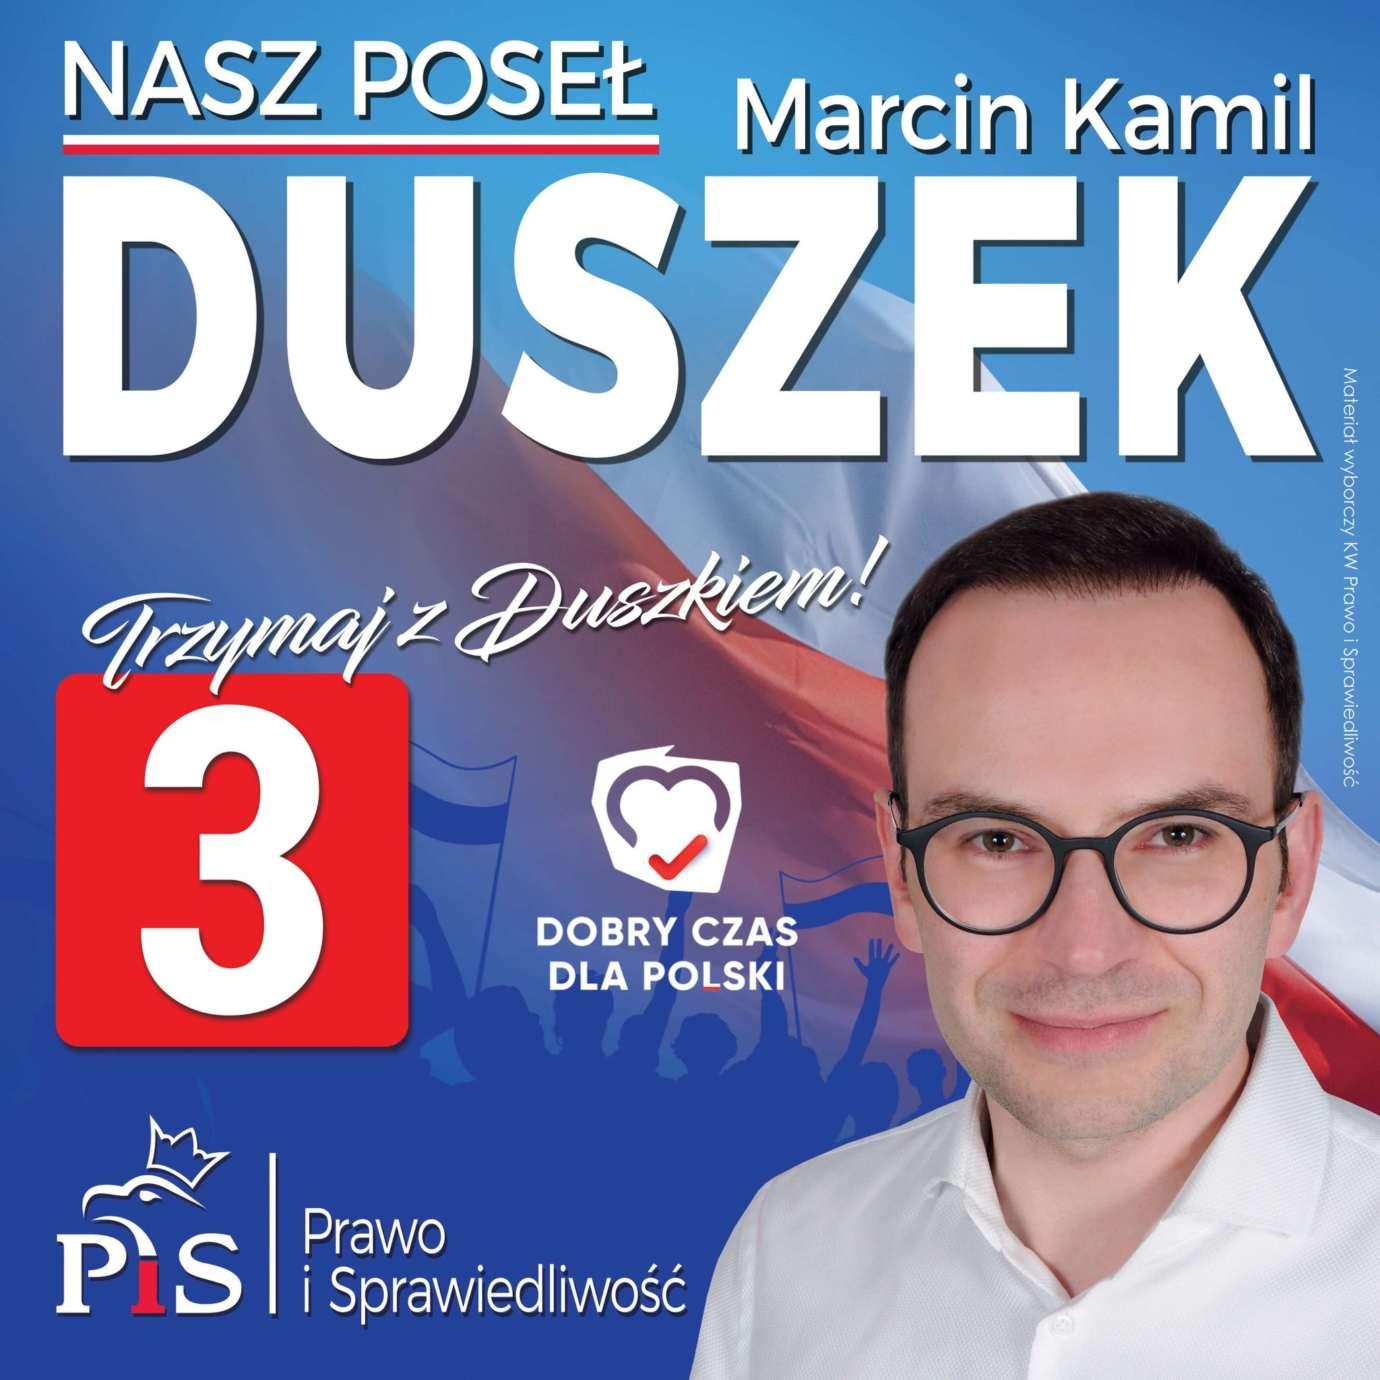 img 2067 Premier za Duszkiem!